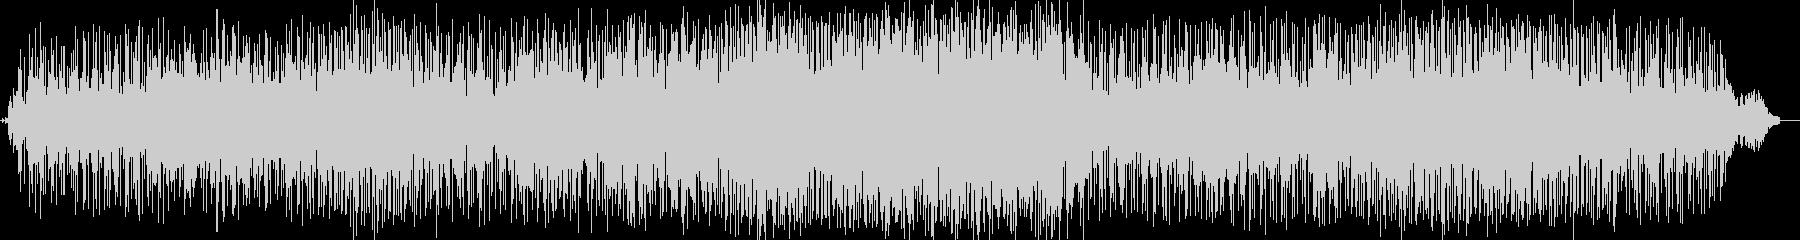 ハーモニカが奏でるJazzyなメロデイ…の未再生の波形